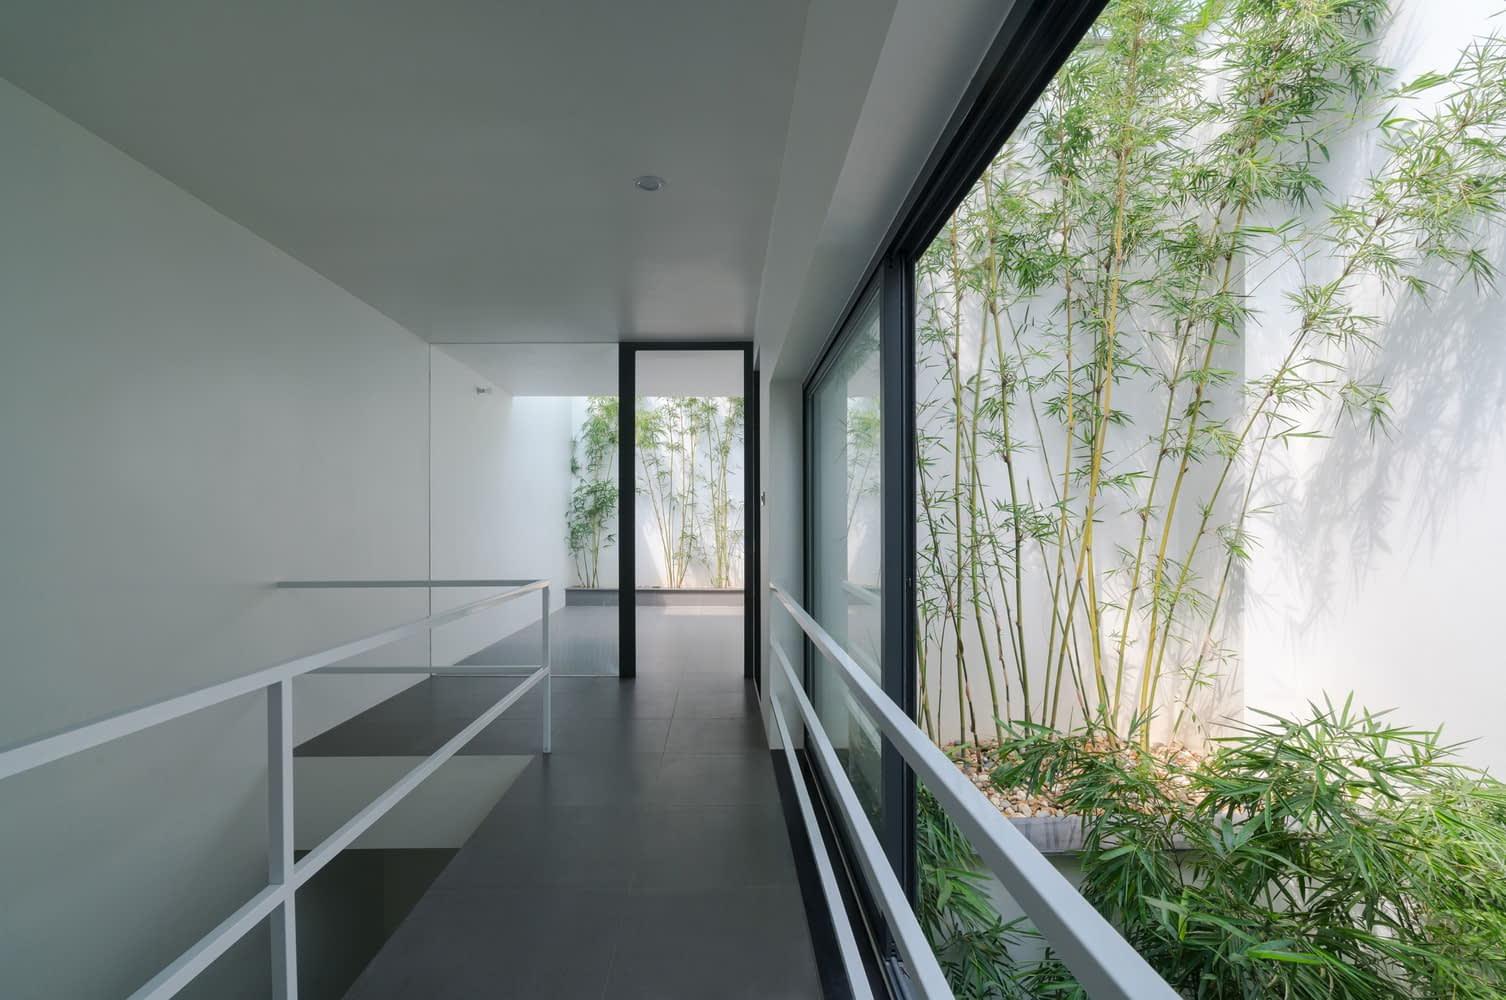 """Không gian được thiết kế giúp mang đến những giá trị sống """"xanh"""" hoàn hảo cho các thành viên trong gia đình"""